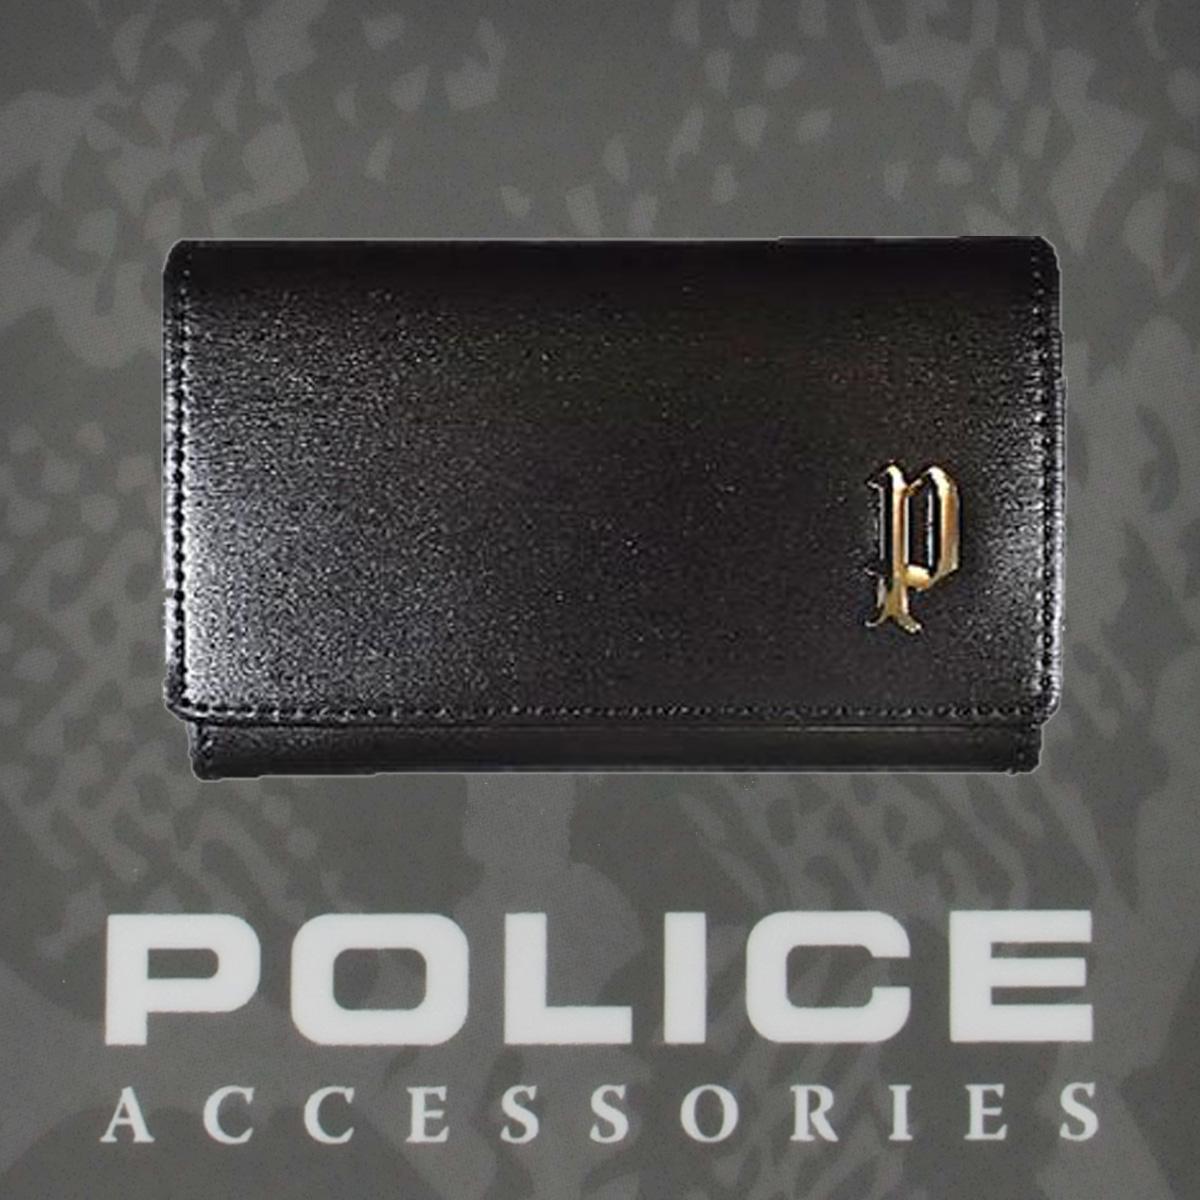 ポリス SEMPLICE  カード入れブラック【PA-59000-10】